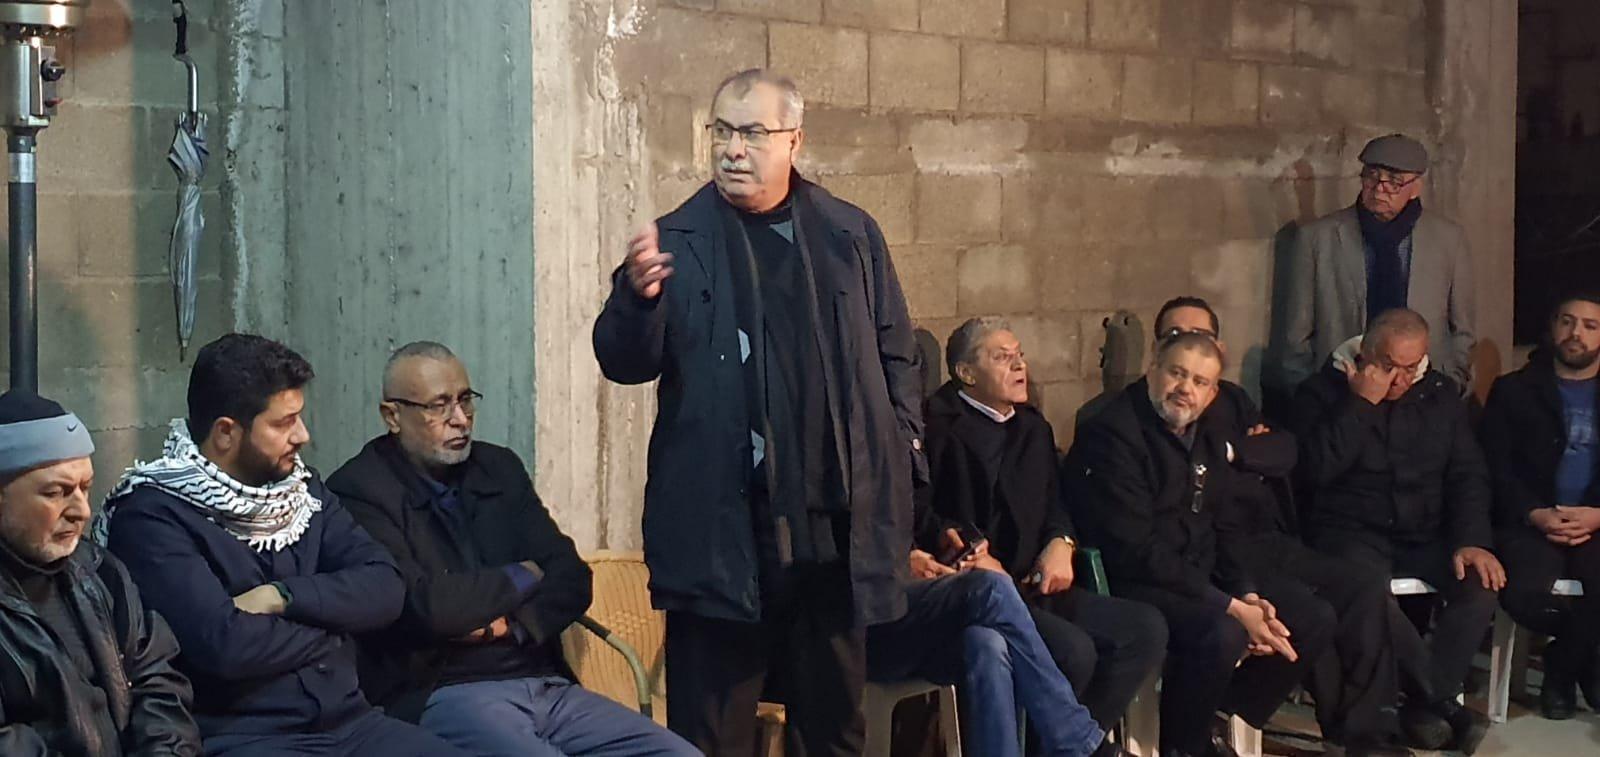 اجتماع طارئ للمتابعة والبلدية واللجان الشعبية يدعو لأكبر حشد لمواجهة خطر تدمير ثلاثة بيوت